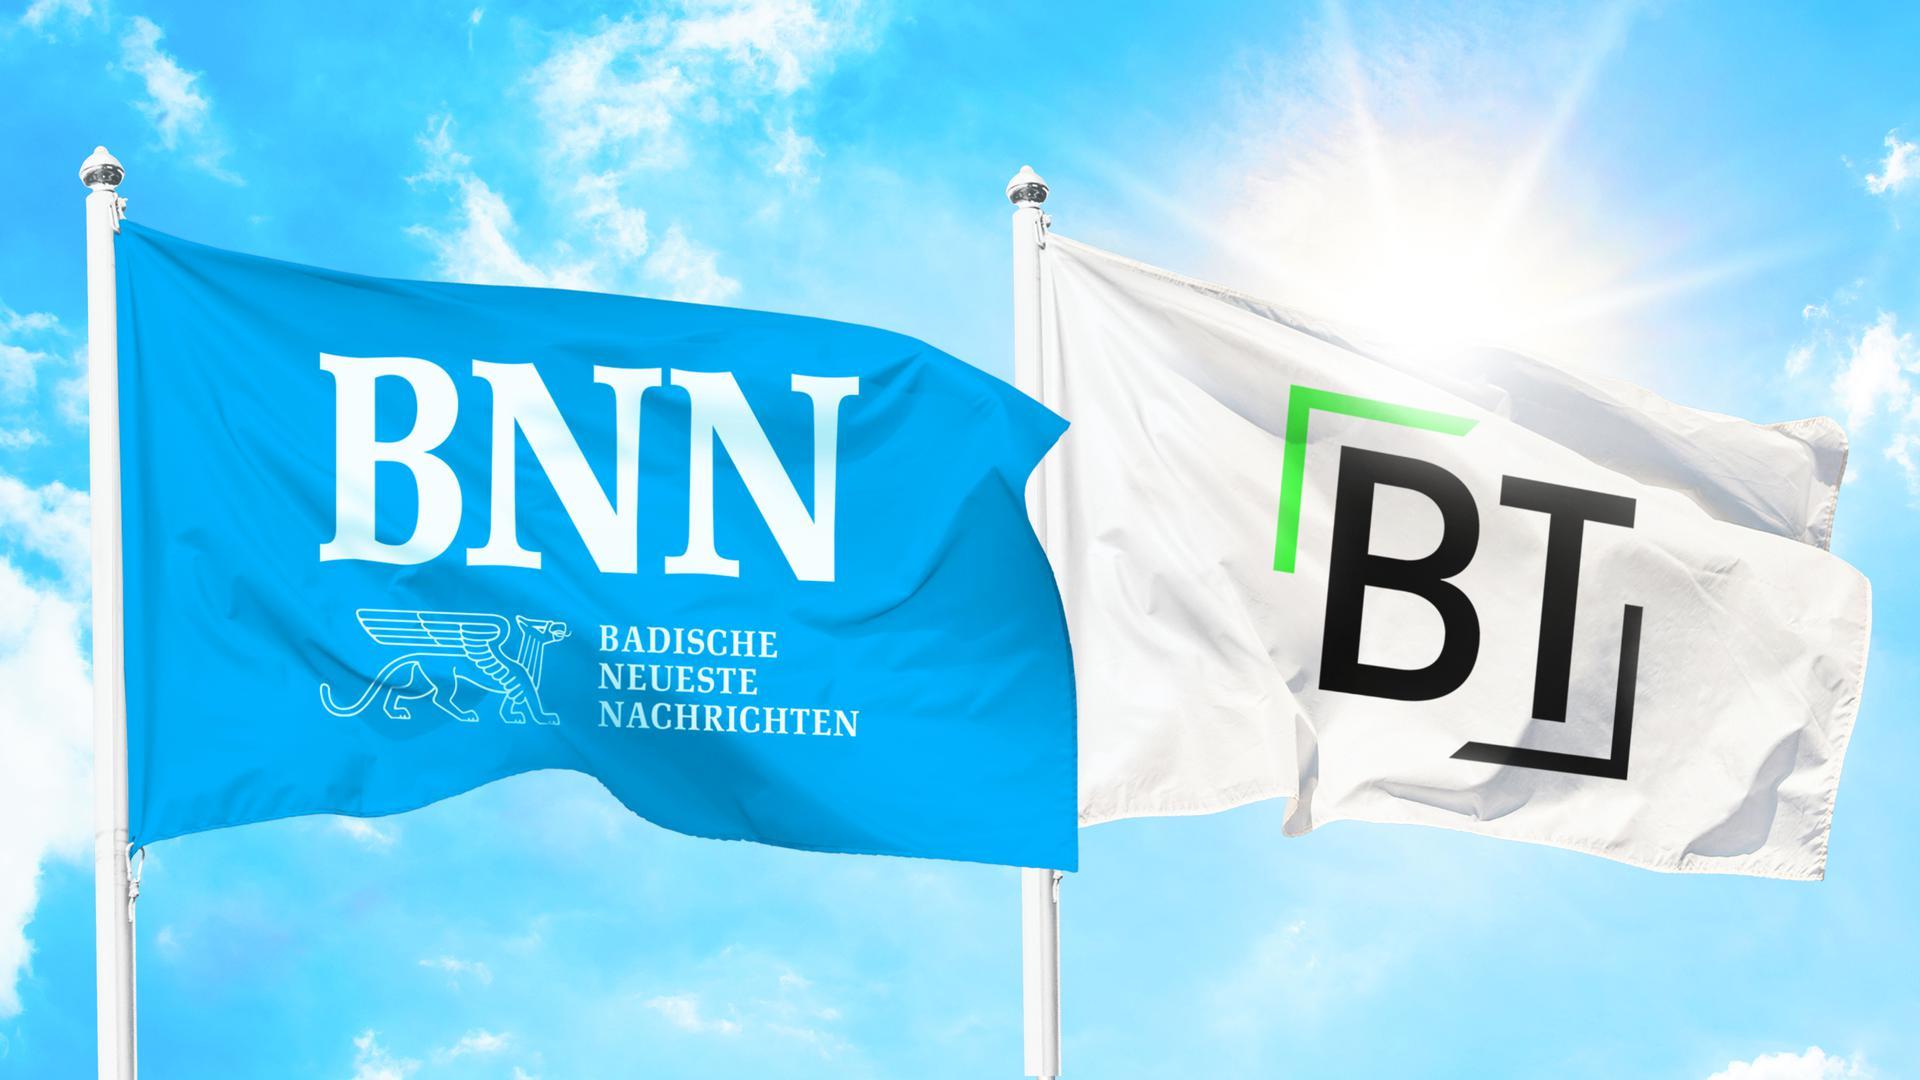 Gemeinsam in die Zukunft: Die Fusion zwischen den Karlsruher Badischen Neuesten Nachrichten (BNN) und dem Badischen Tagblatt (BT) in Baden-Baden ist perfekt.